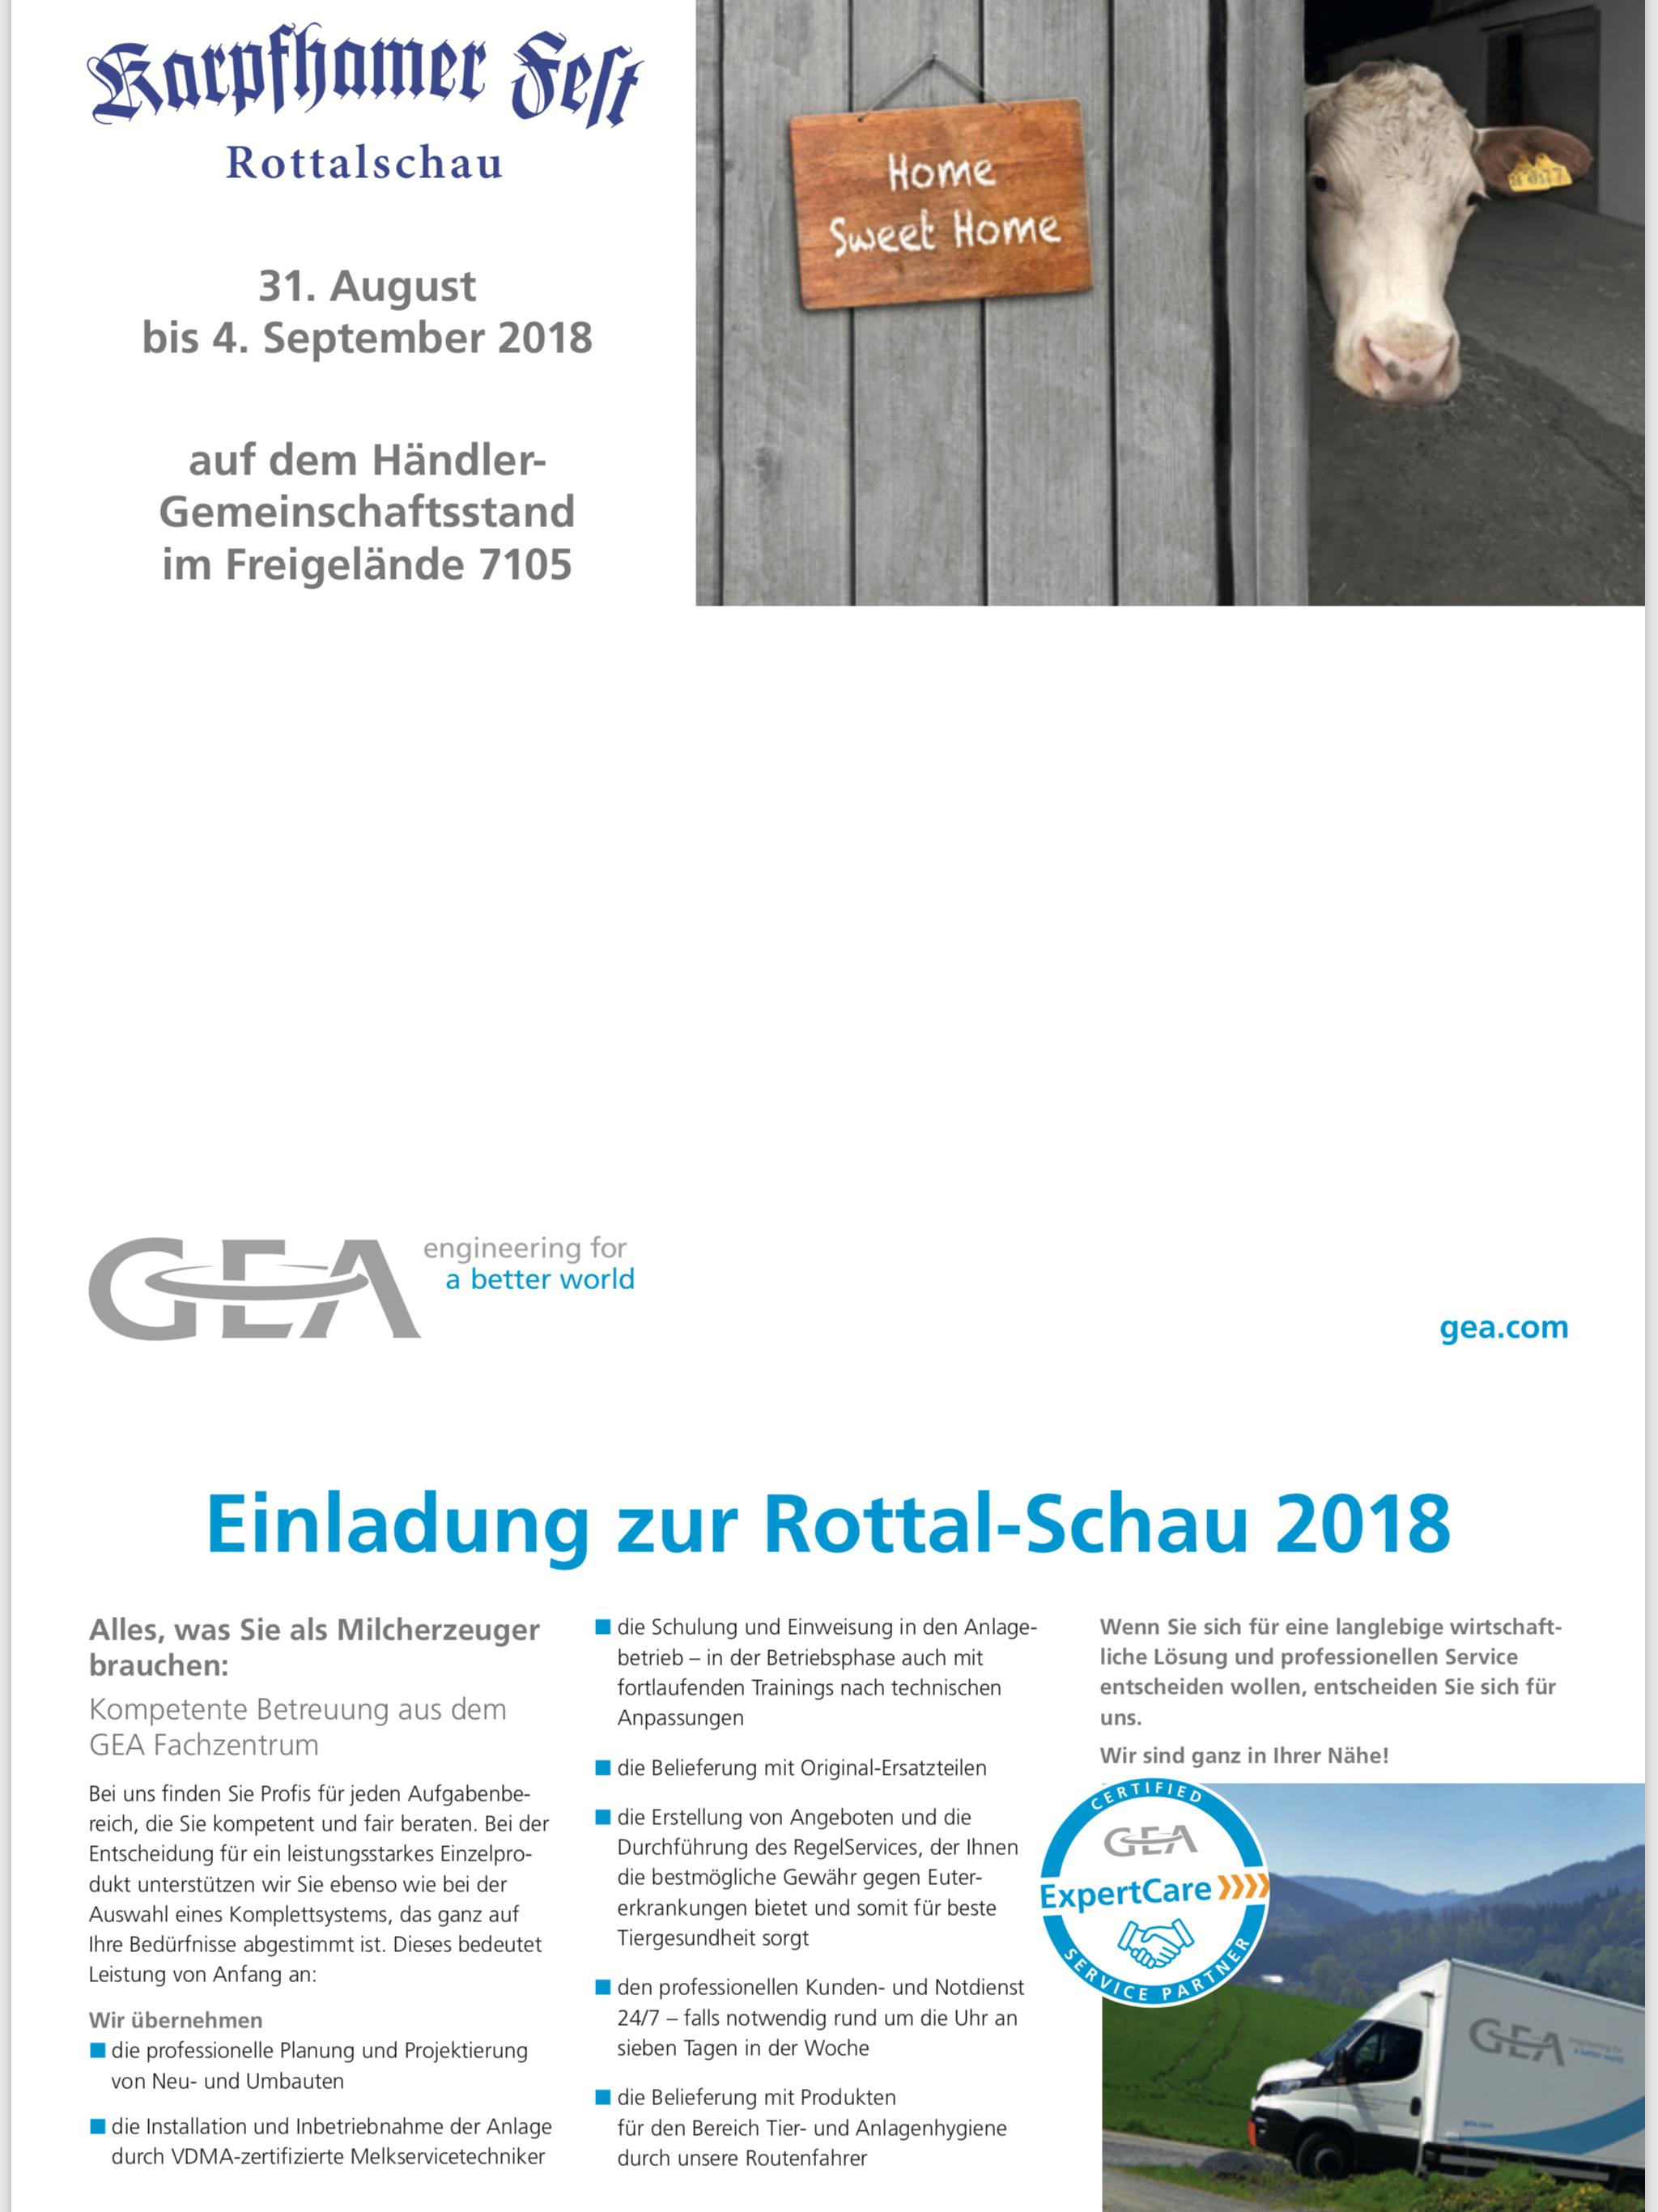 Karpfhamer Fest 31.08-04.09.2018